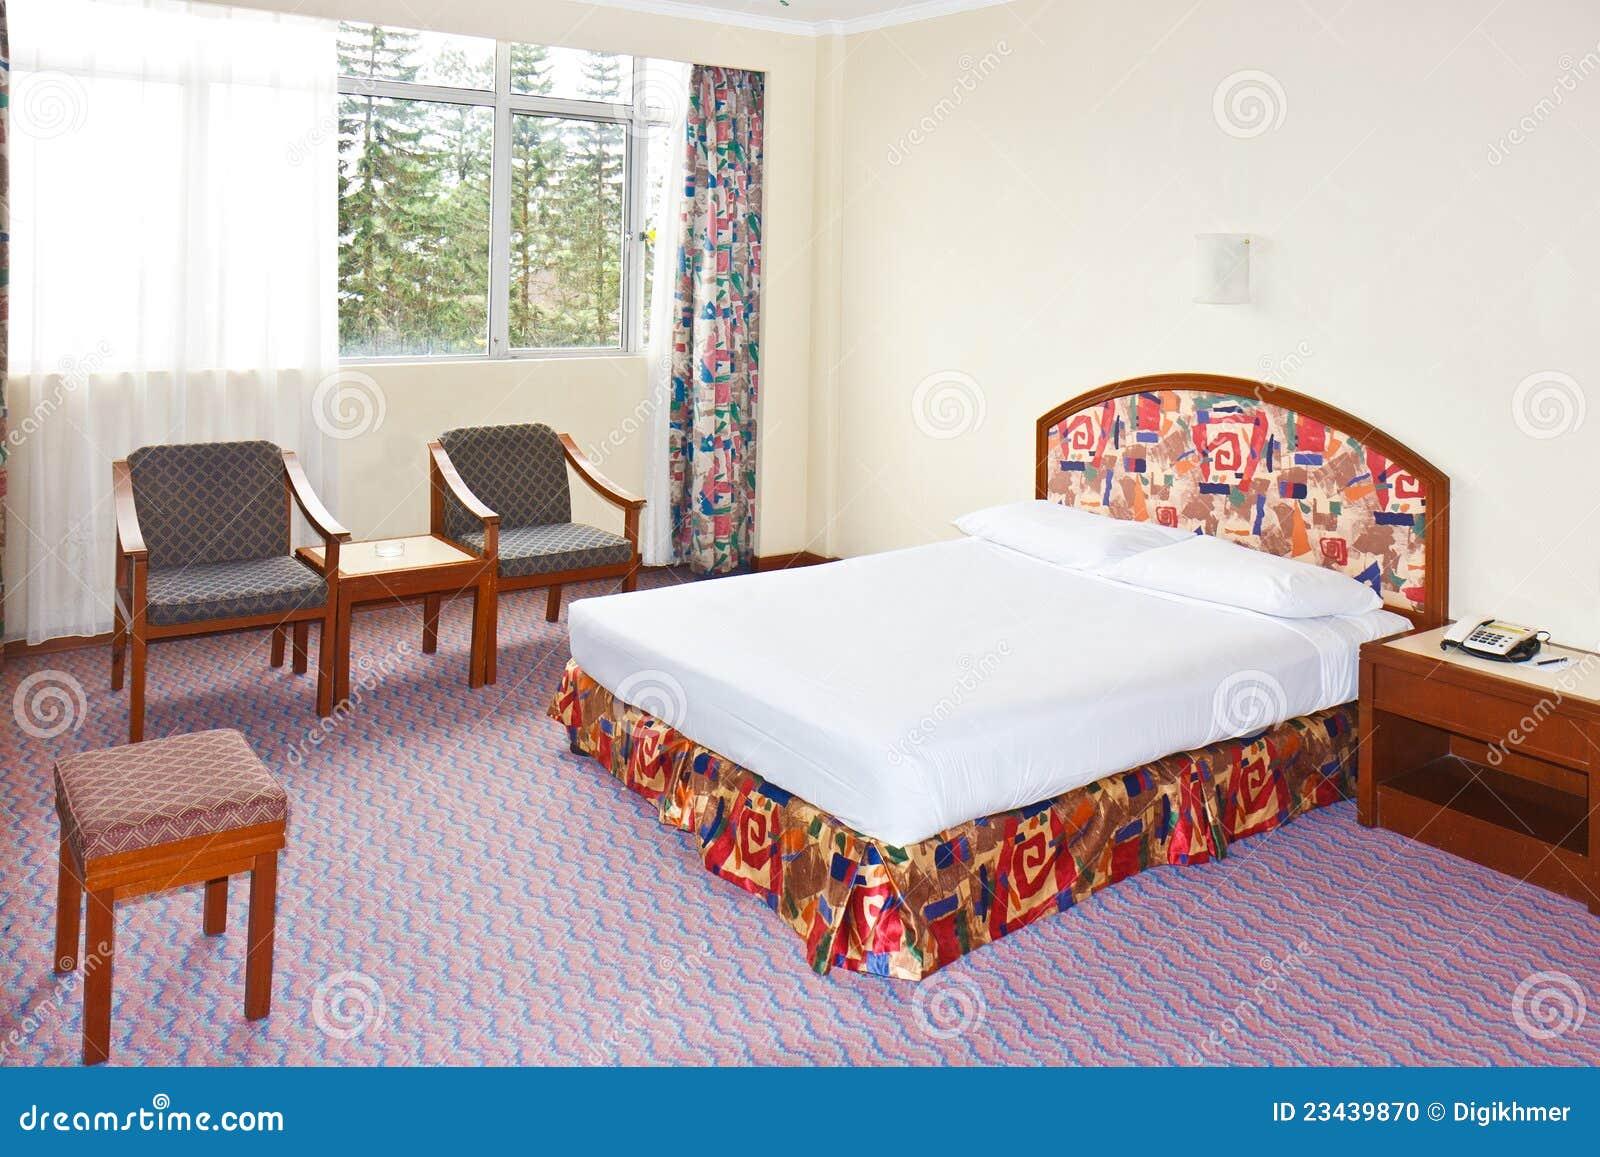 Billig Aber Elegantes Verziertes Schlafzimmer Mit Einfachen Möbeln